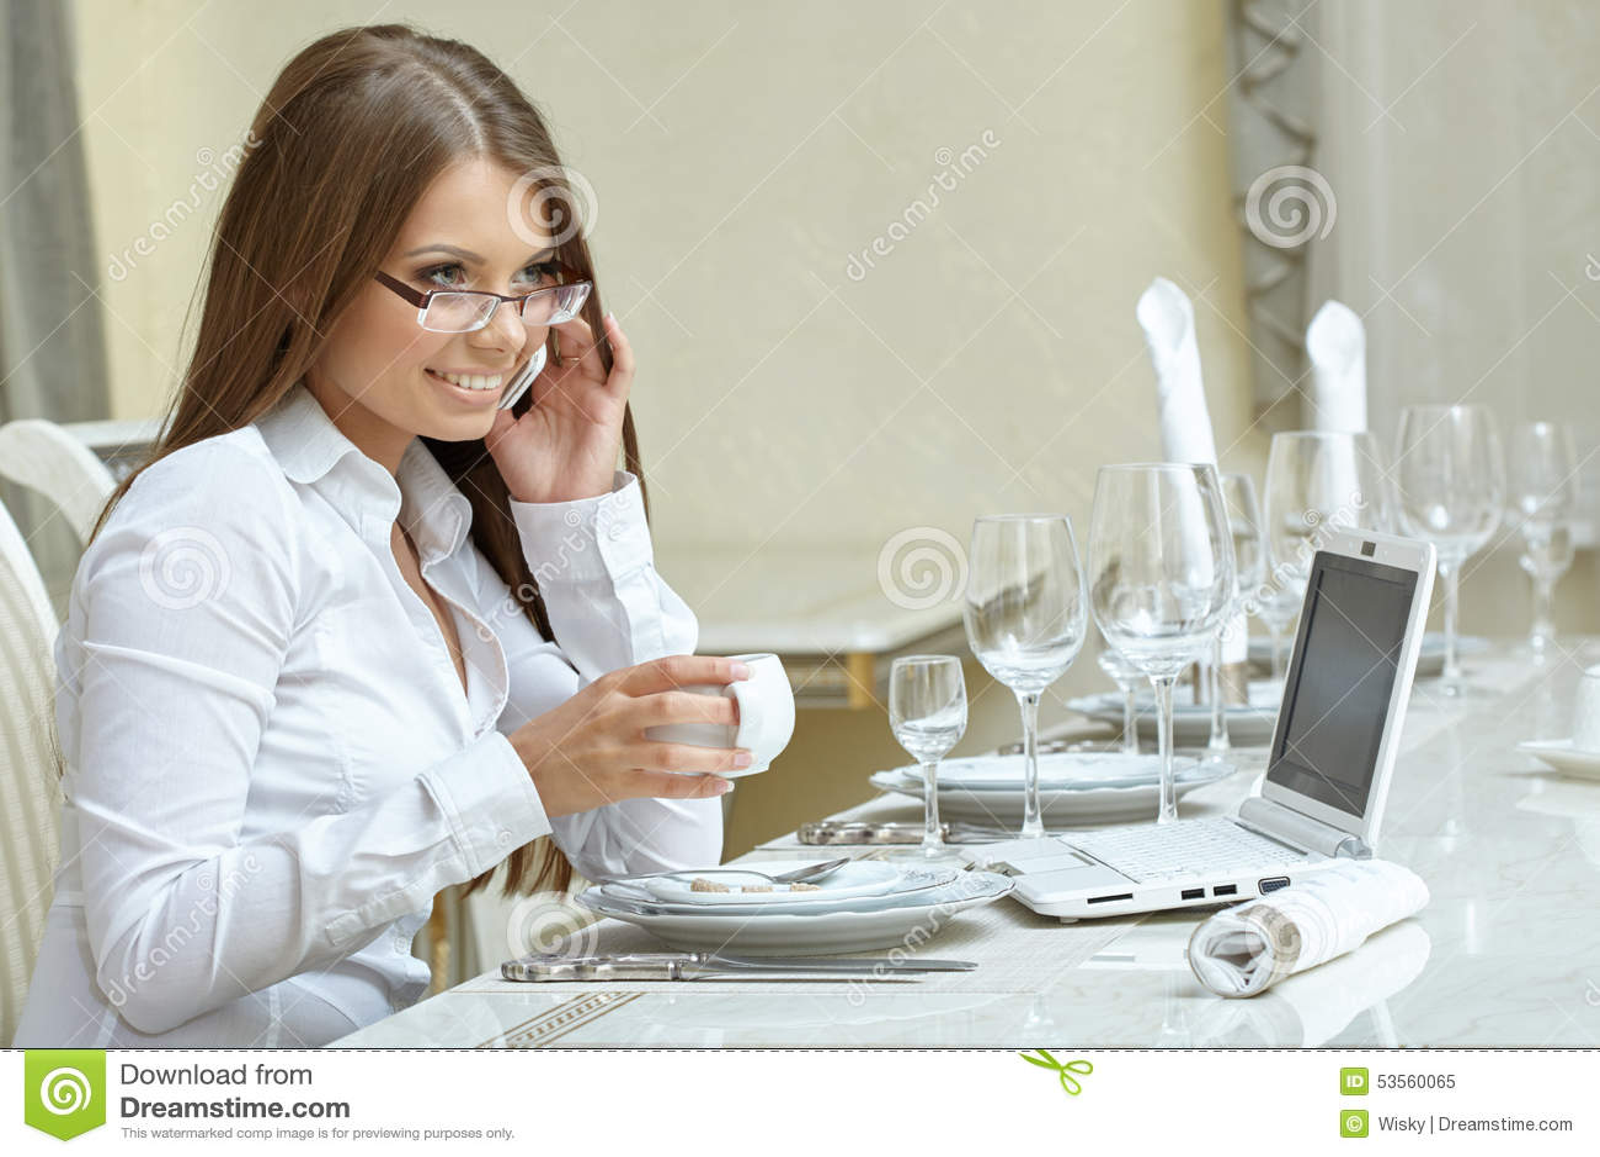 Секс во время обеда 10 фотография